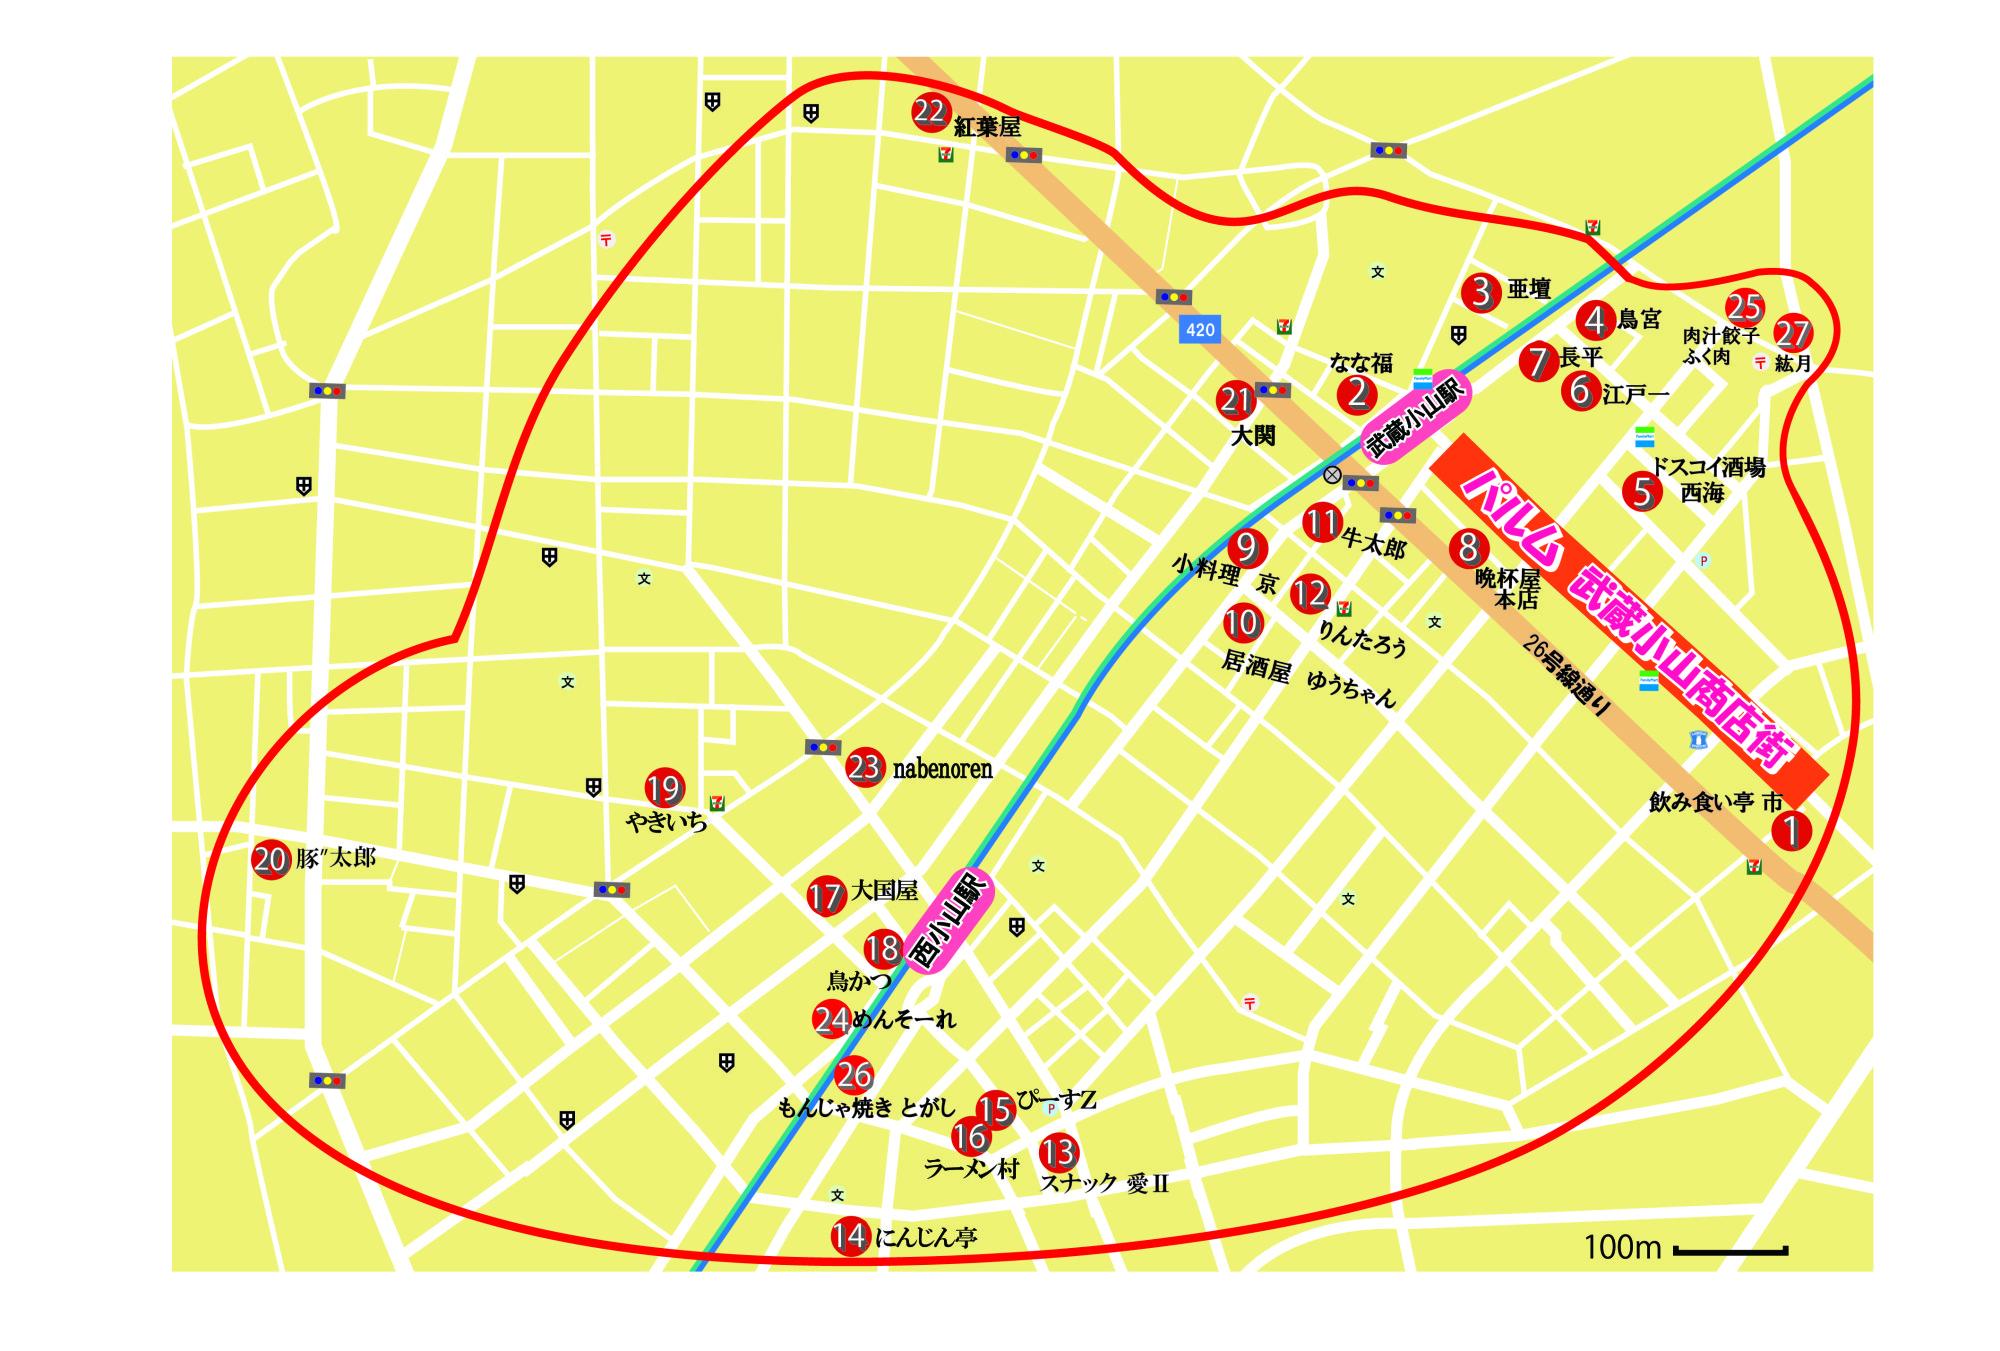 20170313_ハイサワー特区地図全体